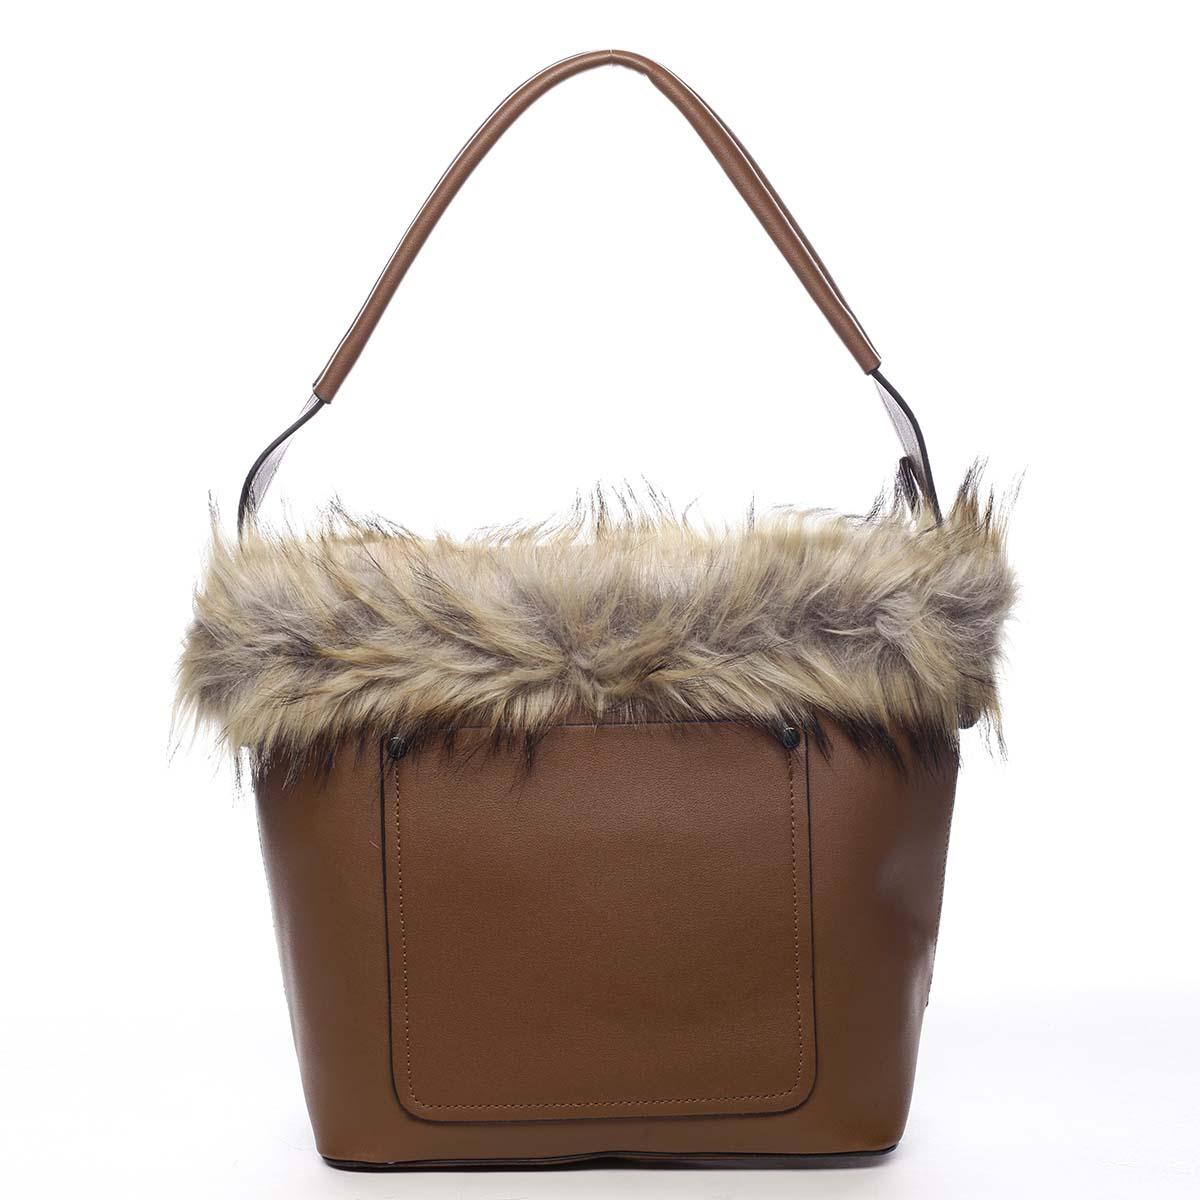 Dámska kabelka cez plece hnedá - Maria C Triches hnedá